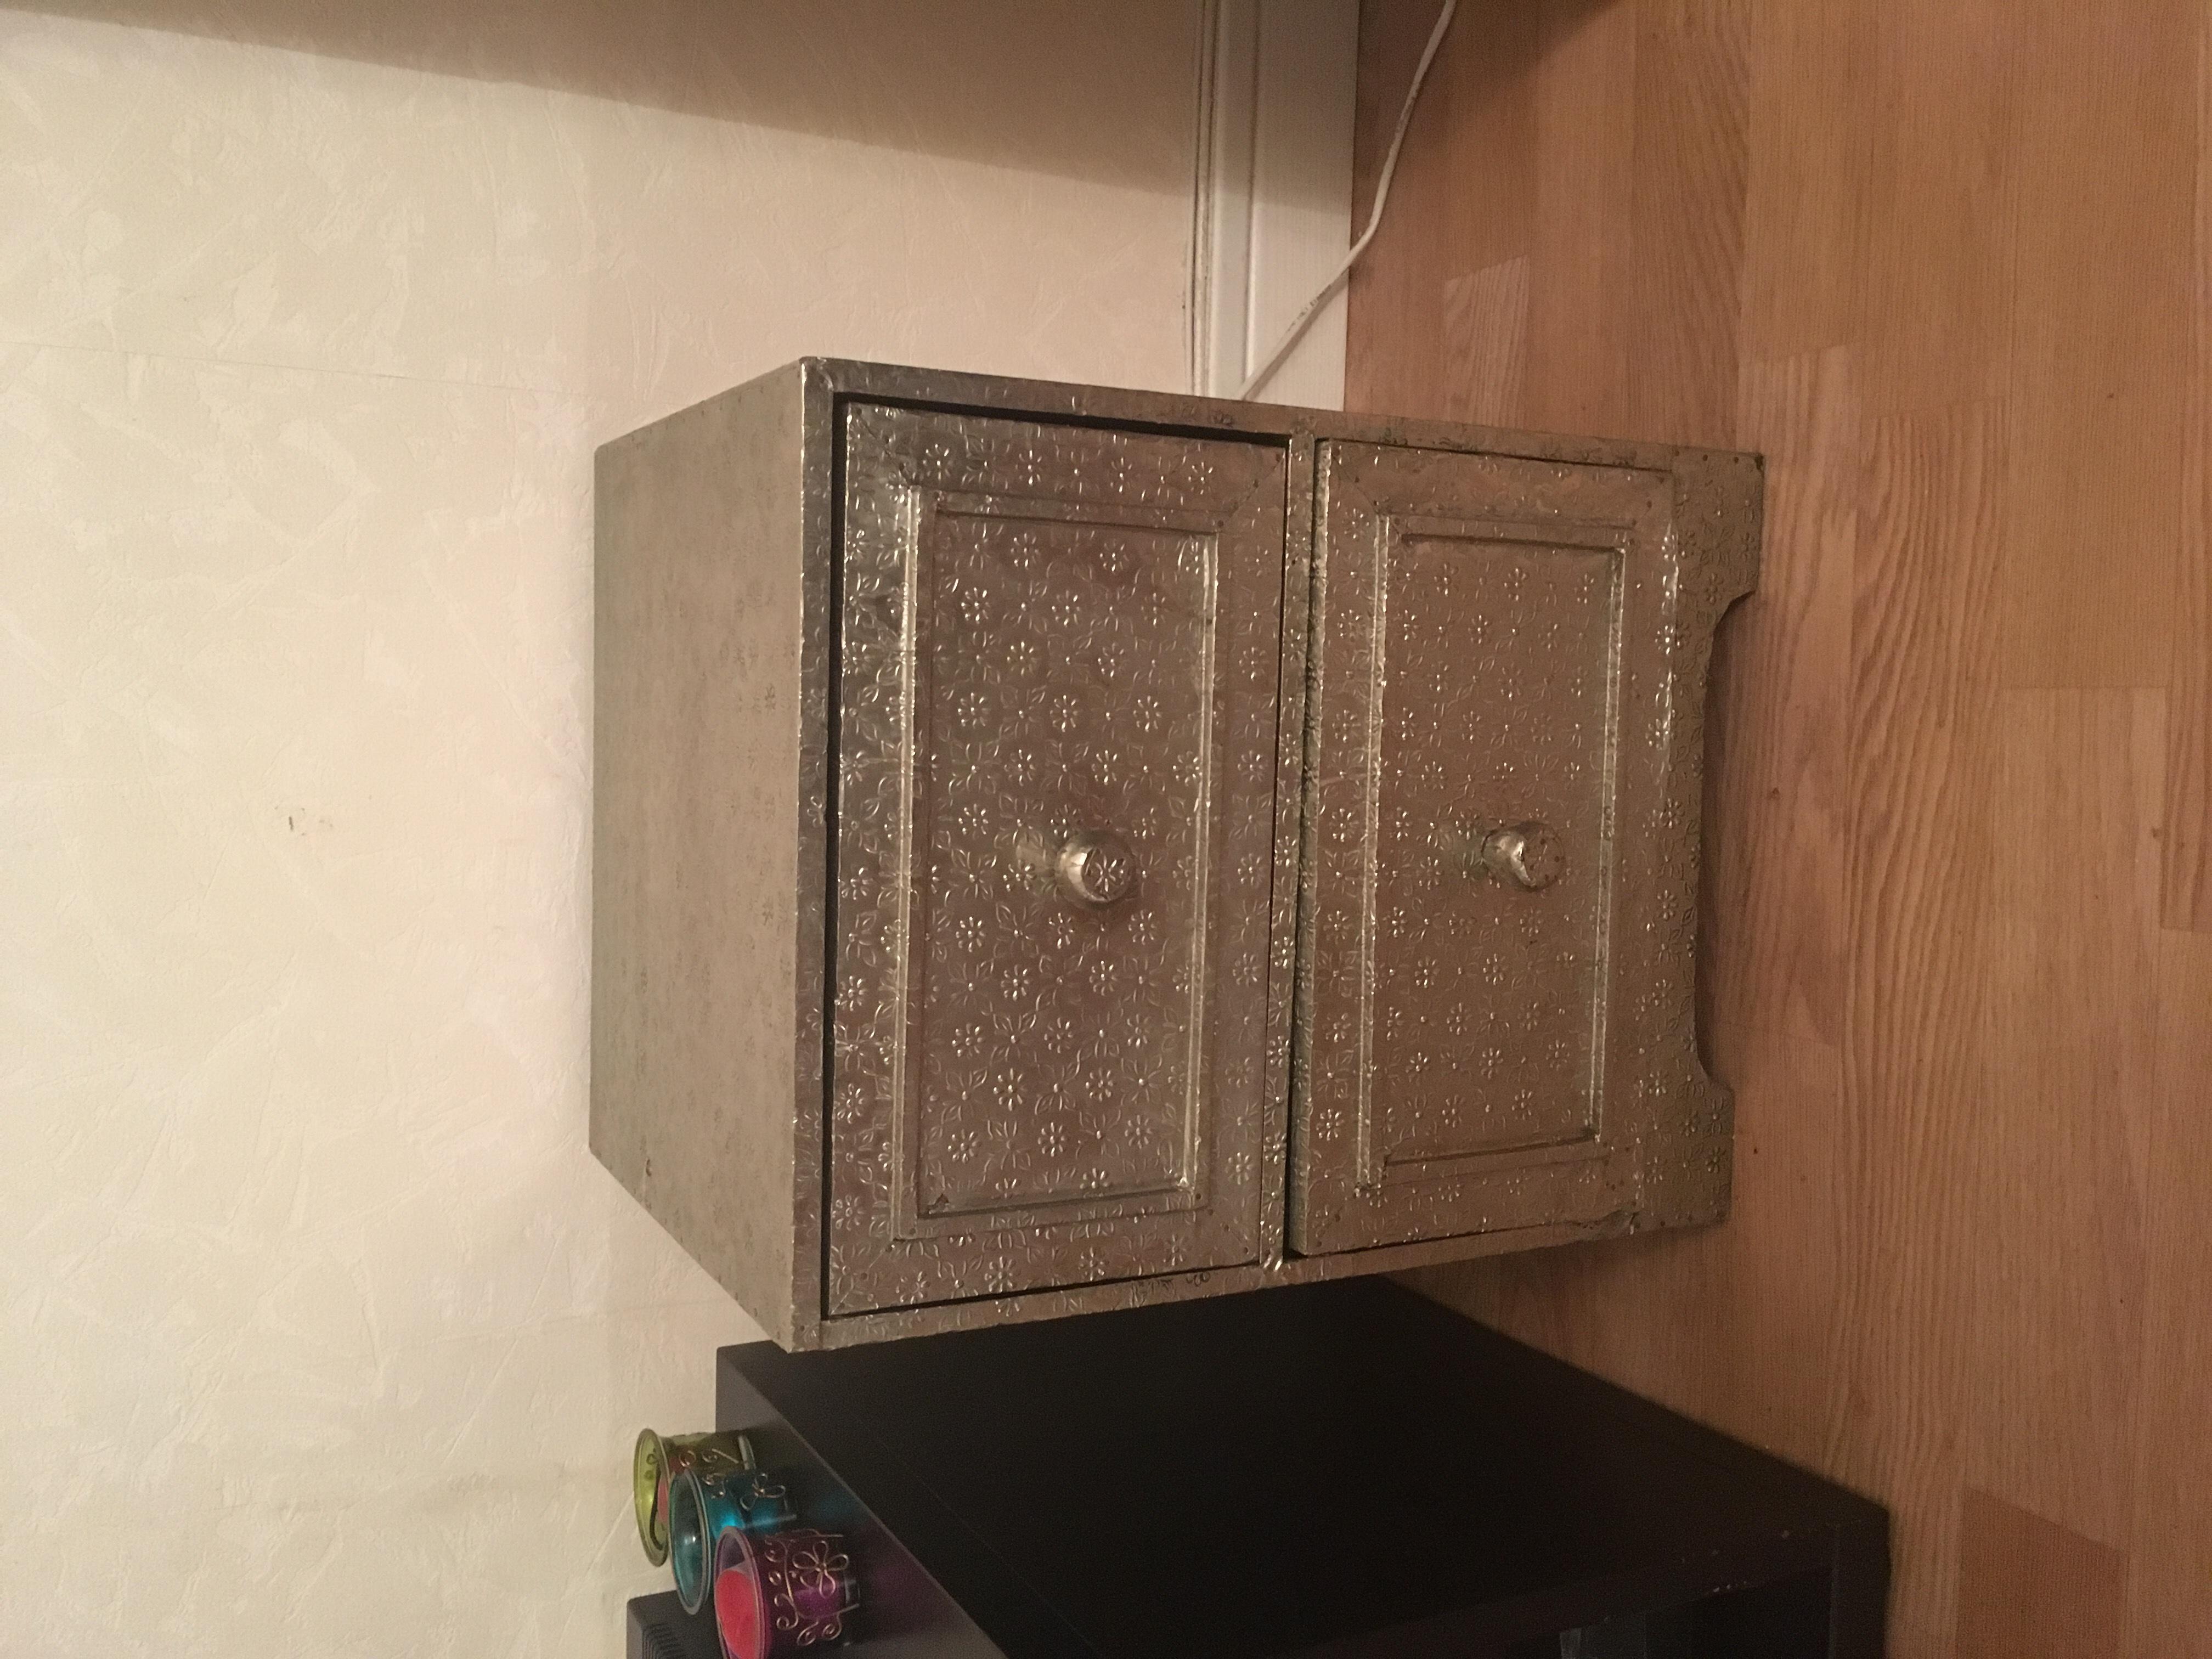 tables de chevet occasion paris 75 annonces achat et. Black Bedroom Furniture Sets. Home Design Ideas